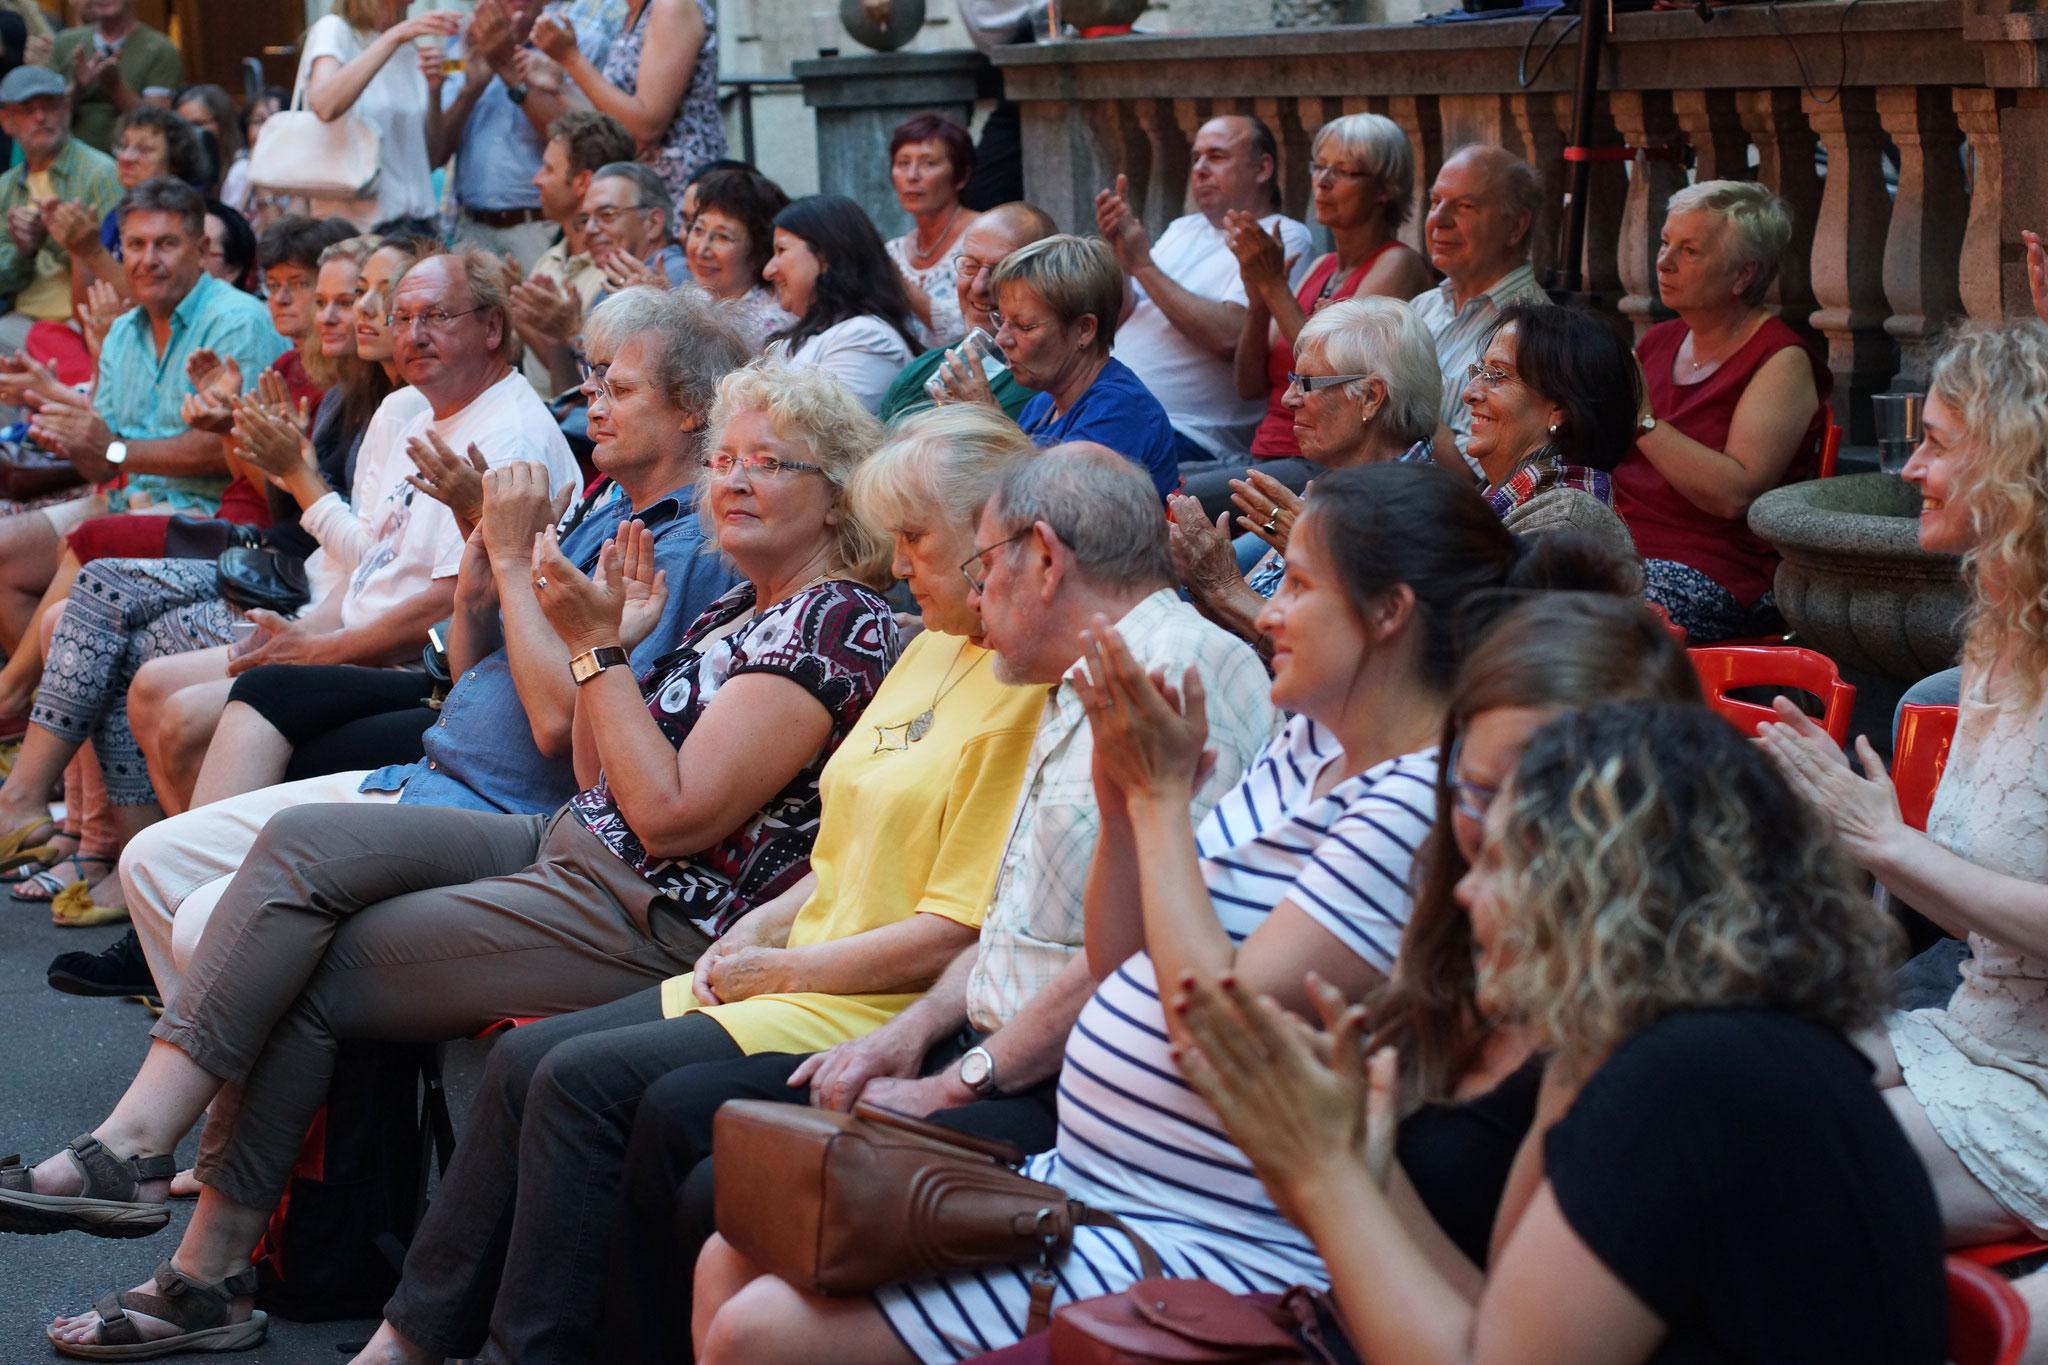 Konzerte im Bürgerhof 09.07.16 - Freiwilligen-Zentrum Augsburg - Foto: Crayfish